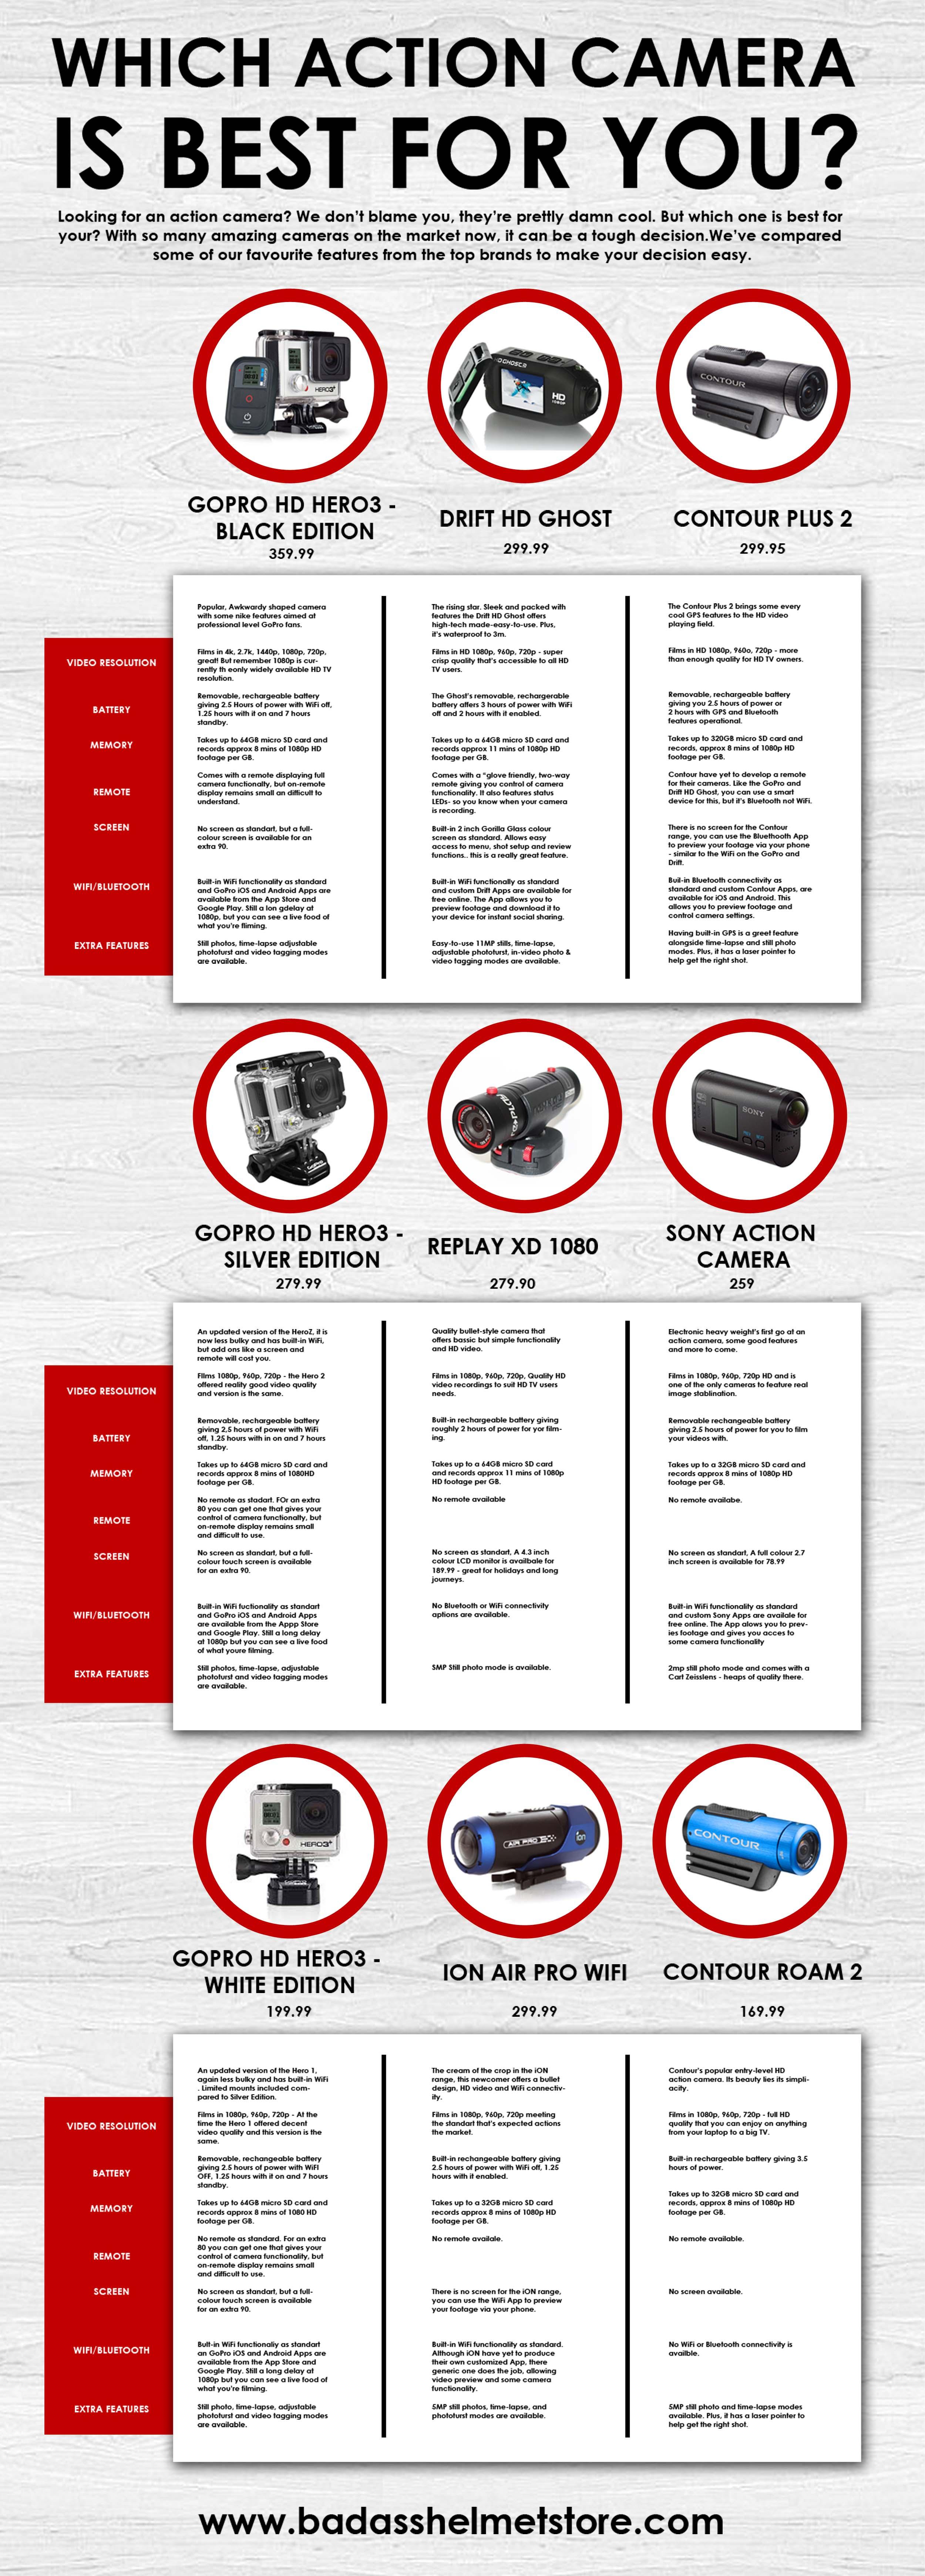 Action cameras (1)